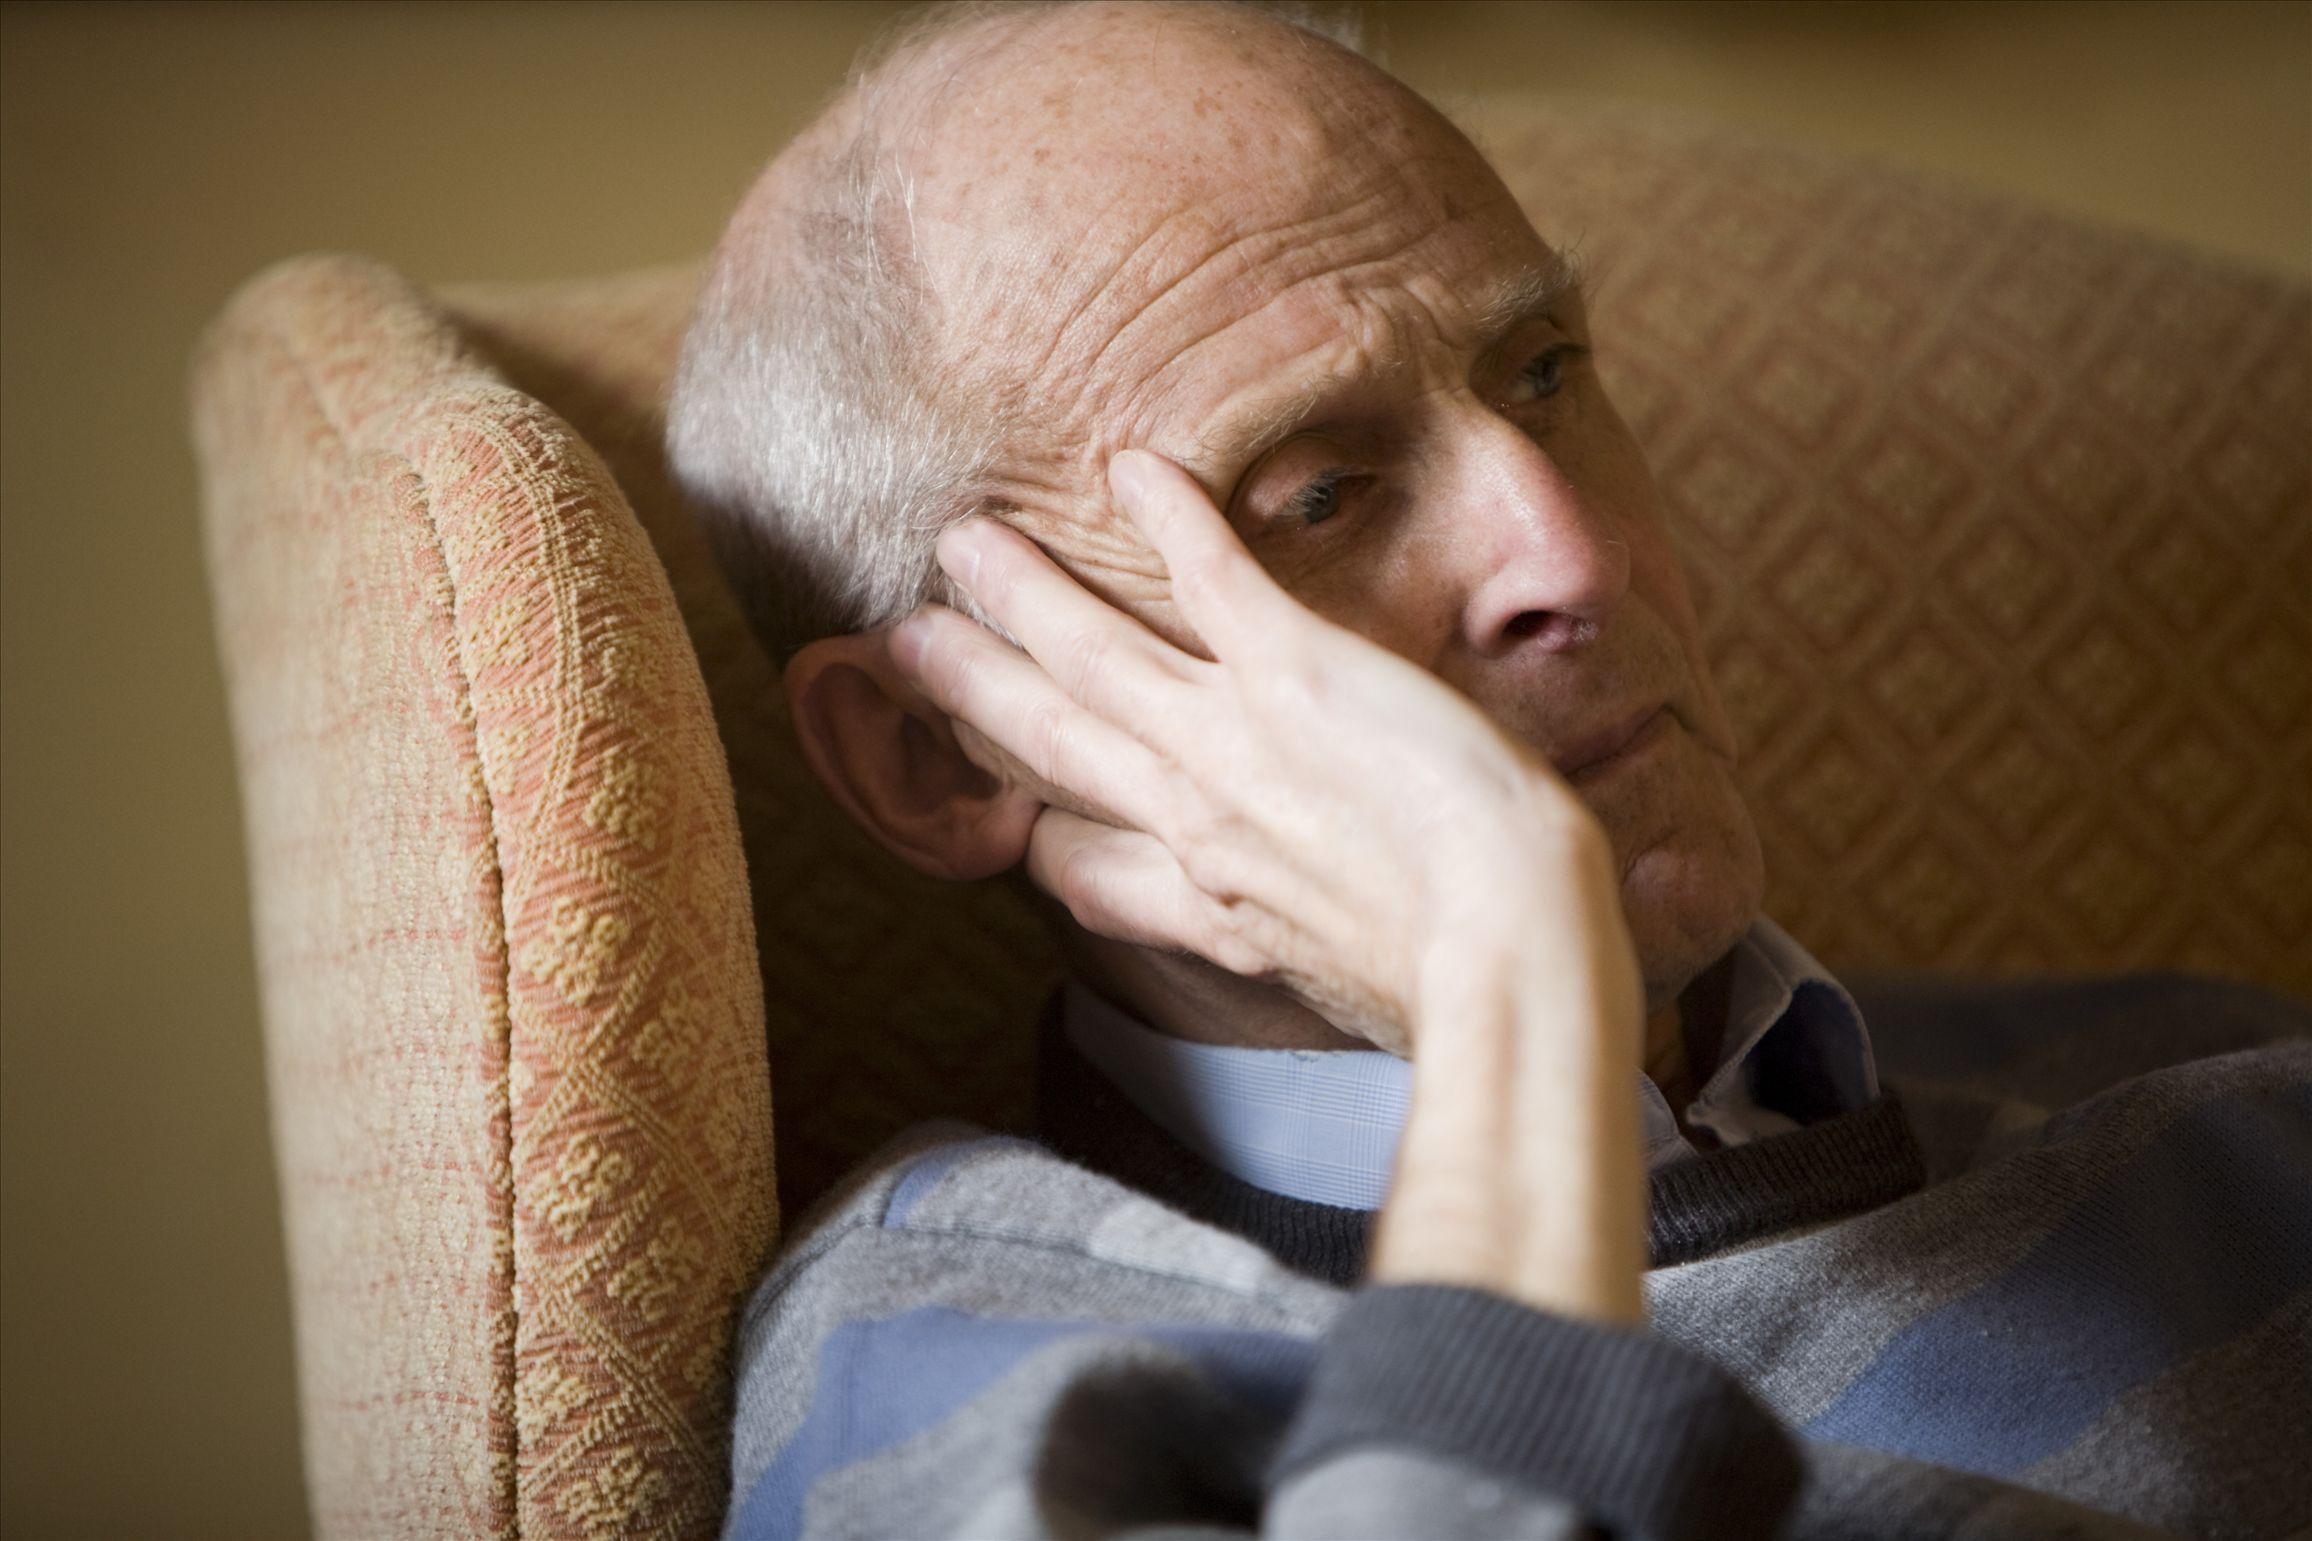 Депрессия и тревожность ускоряют развитие болезни Альцгеймера